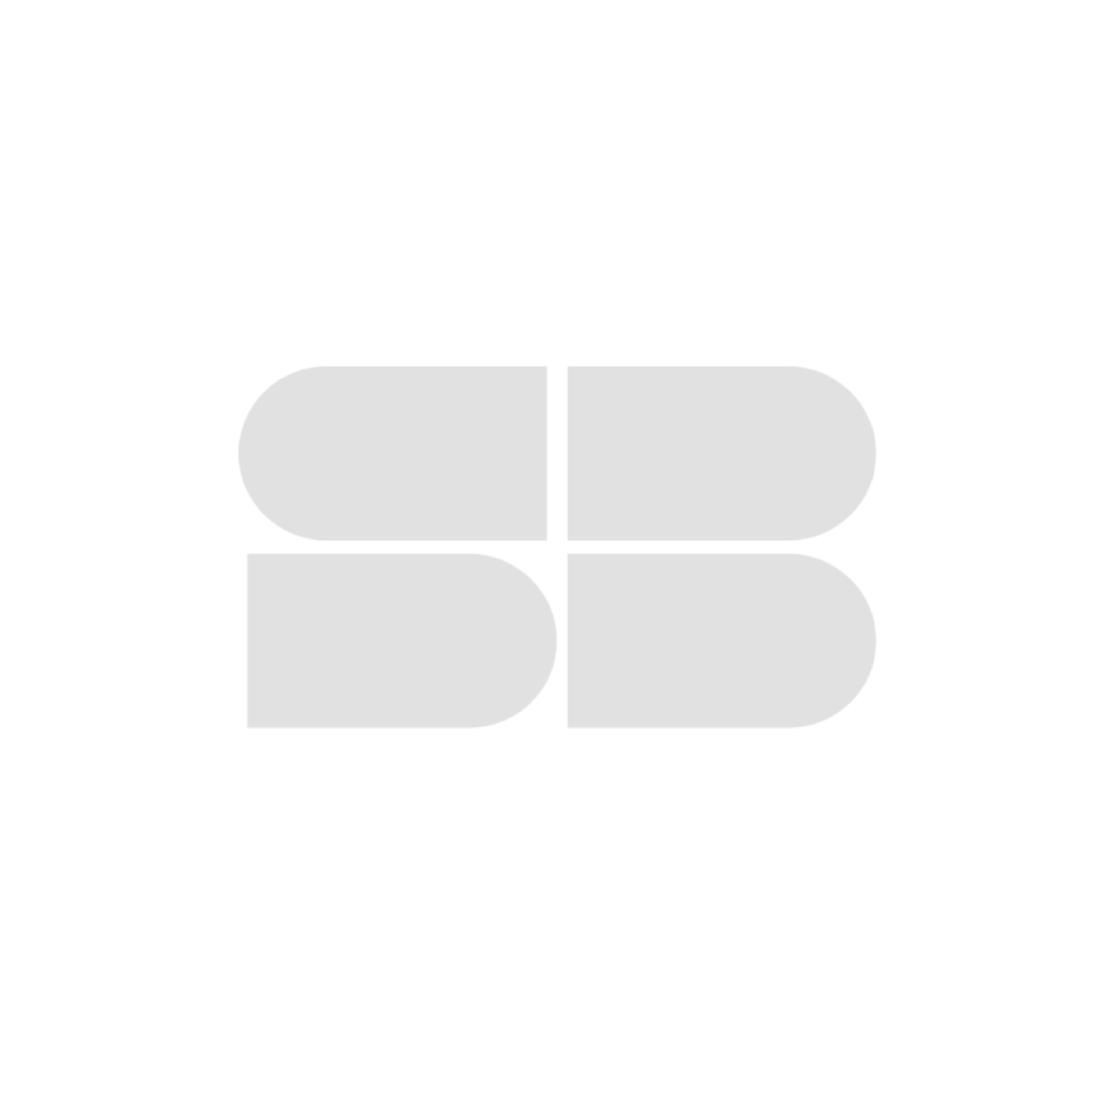 กล้องวงจรปิด360องศา รุ่น Mi 1080P/VML สีขาว1